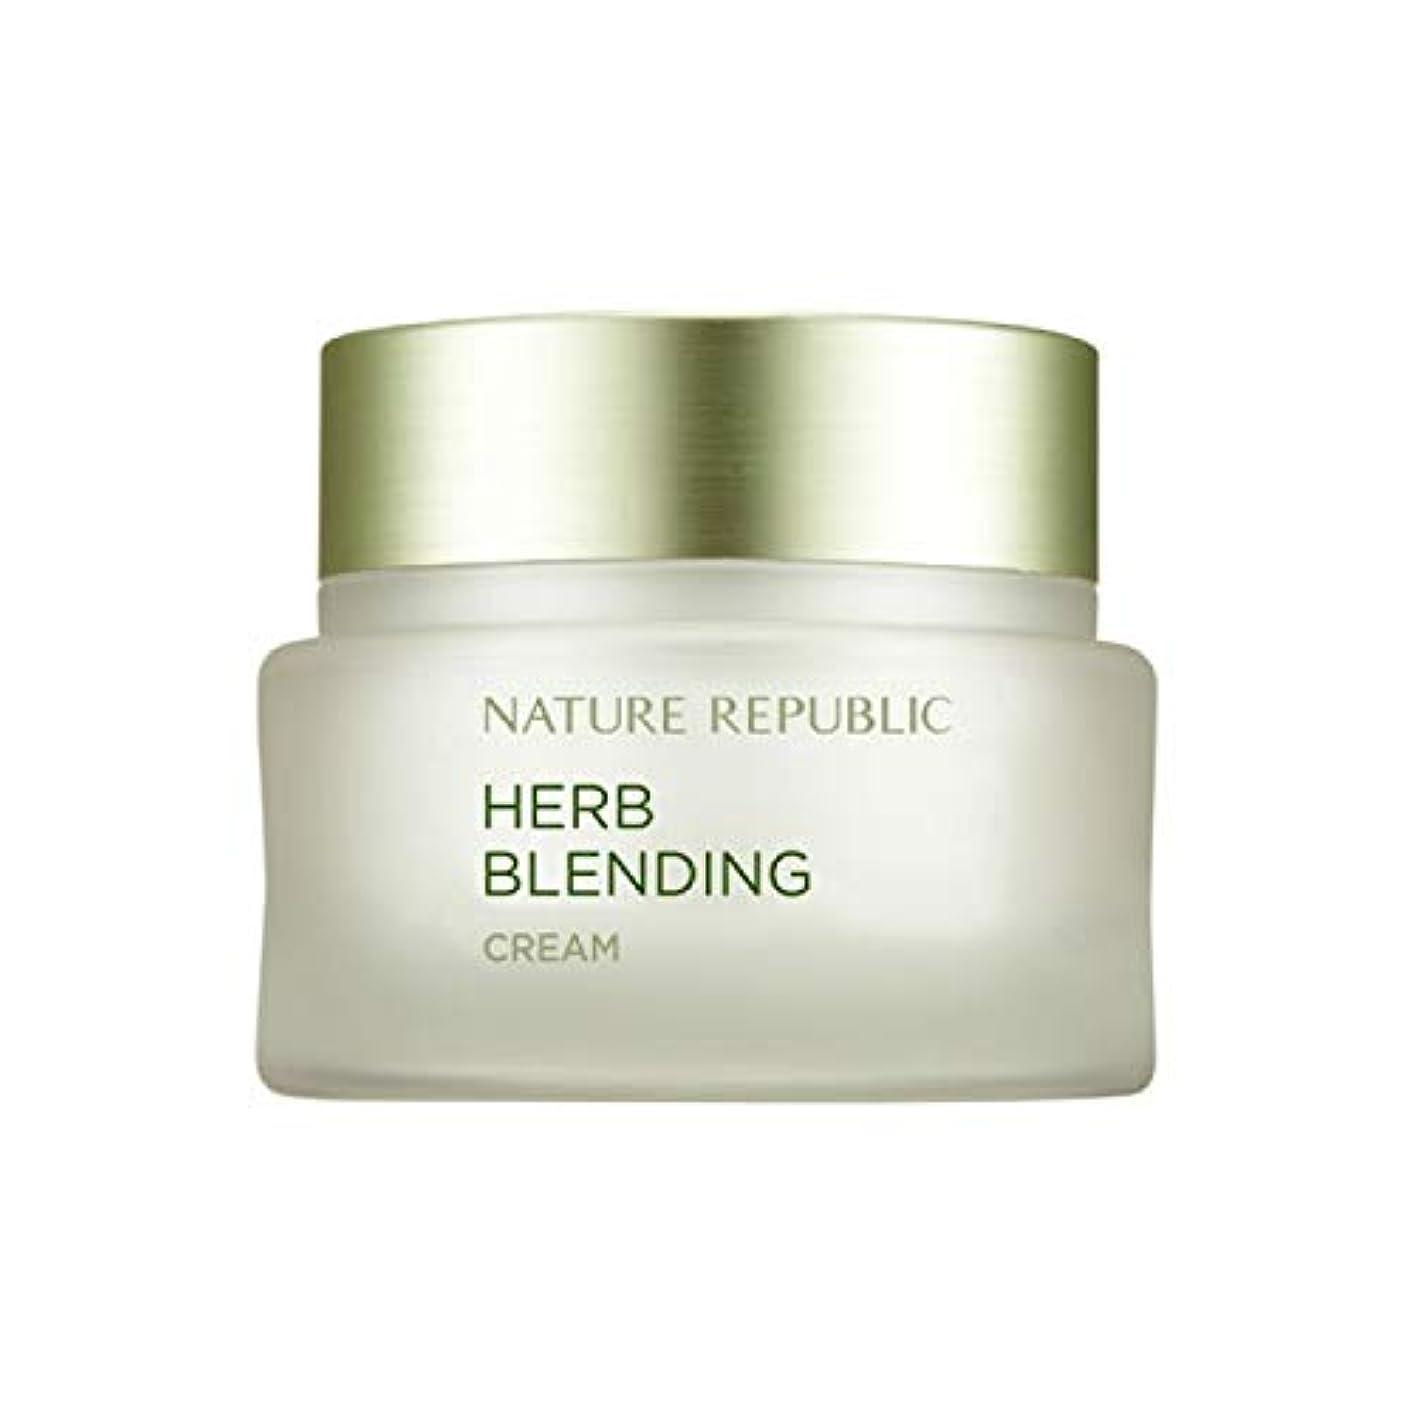 思い出静脈問題ネイチャーリパブリック(Nature Republic)ハブブレンドクリーム 50ml / Herb Blending Cream 50ml :: 韓国コスメ [並行輸入品]